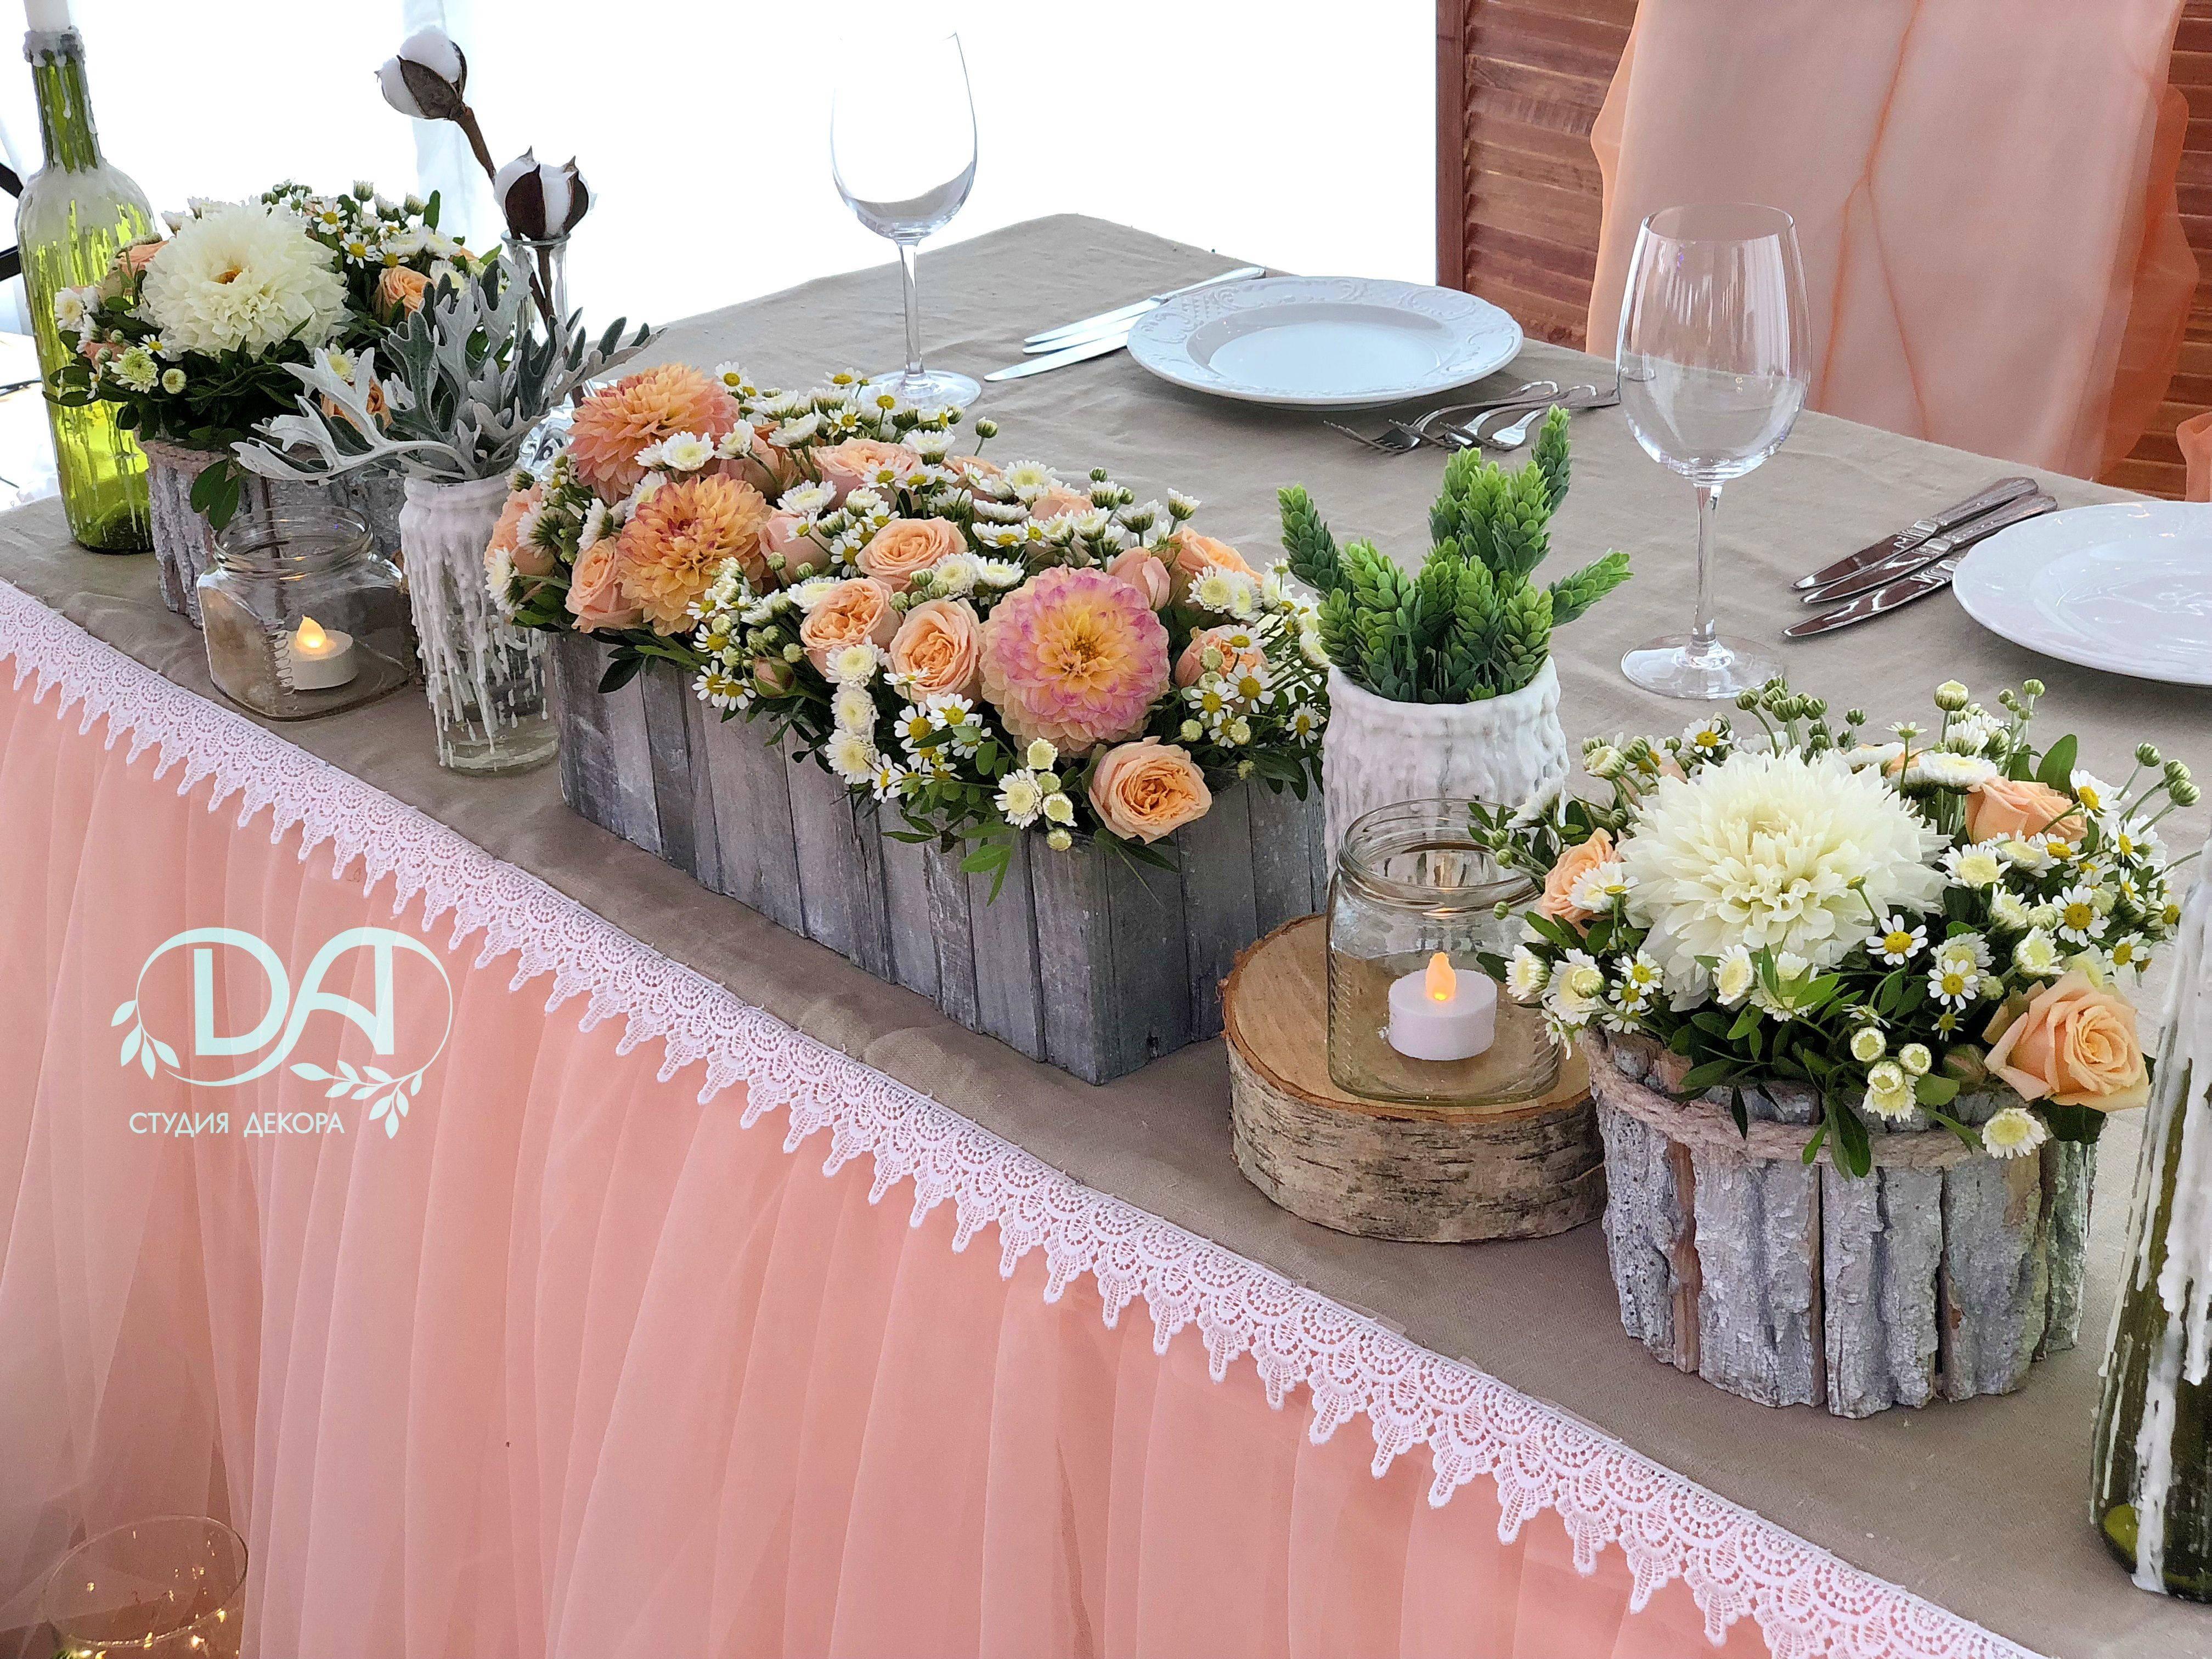 Оформление зала на свадьбу (90 фотоидей): тренды года и советы по выбору стилистики, цветовой гаммы и декора